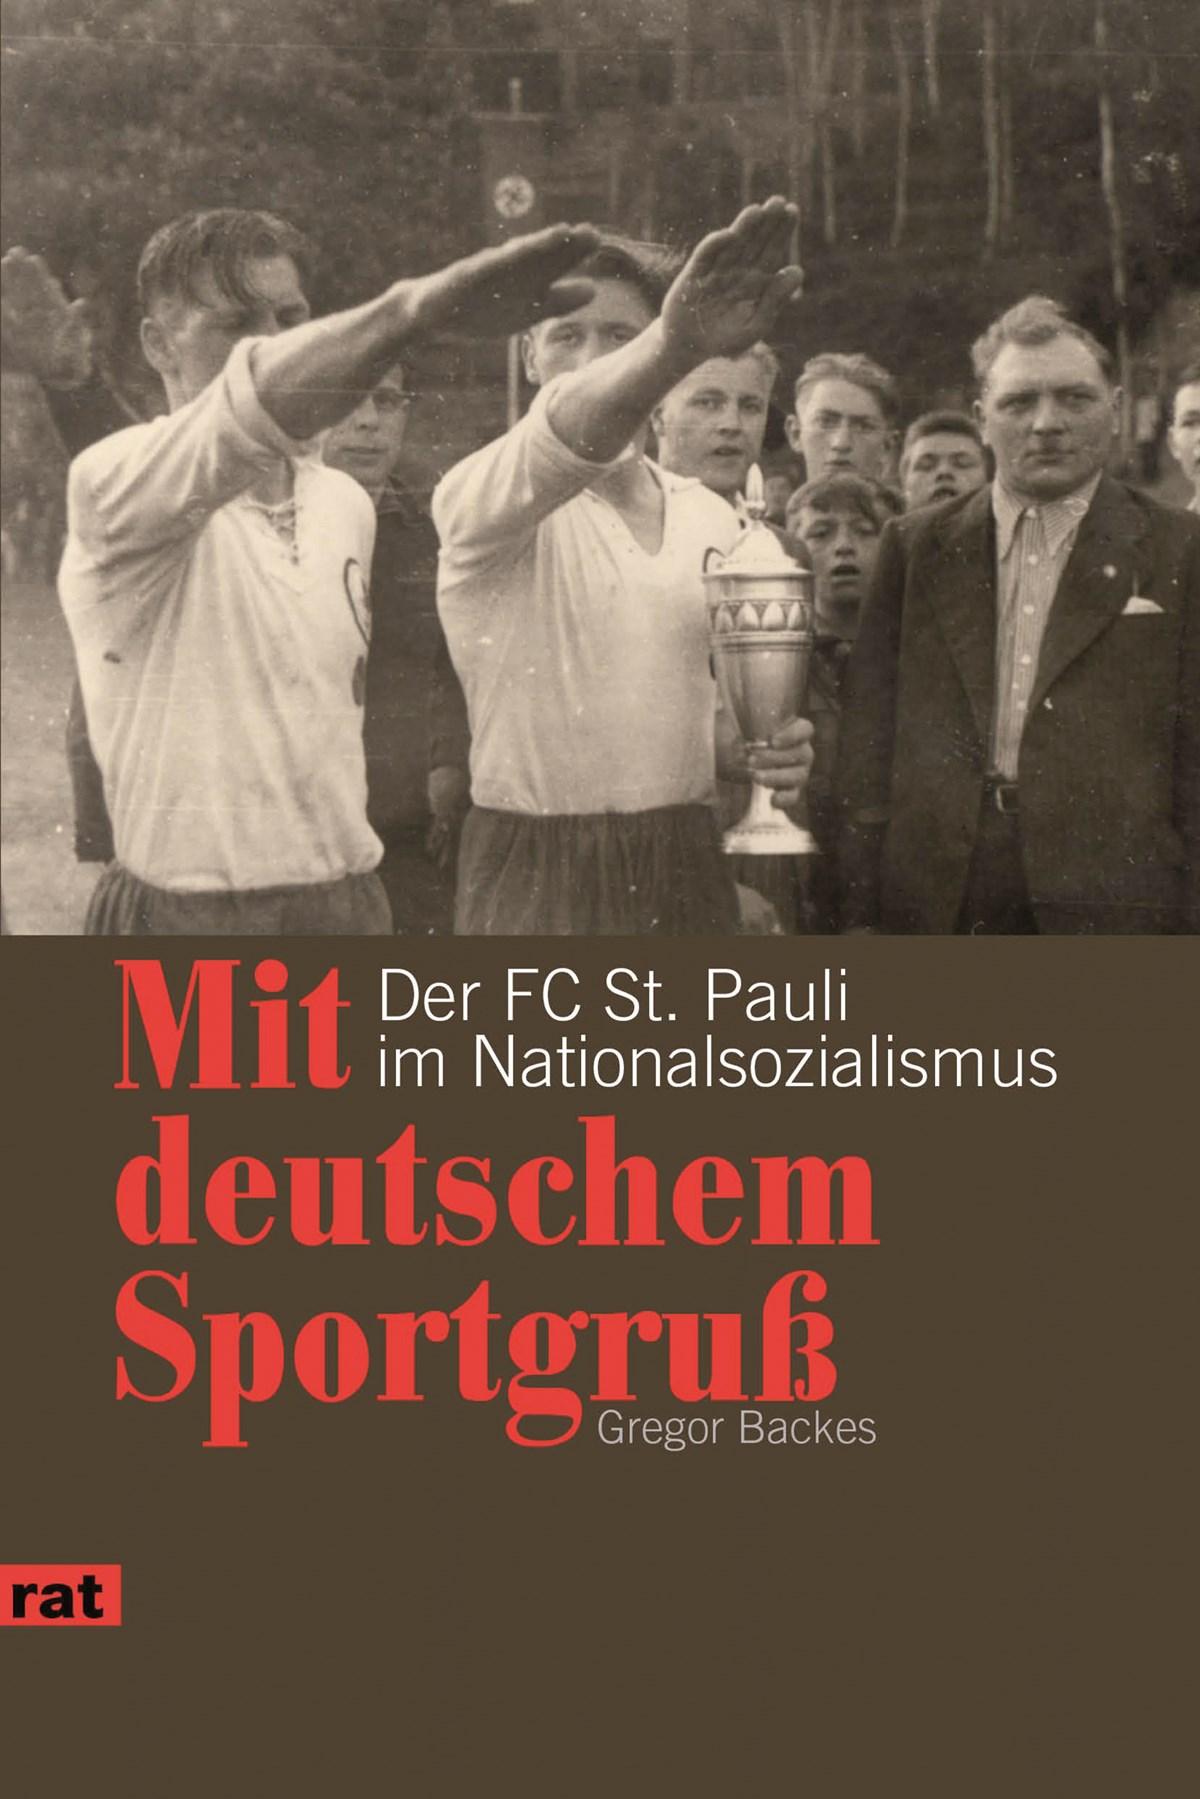 """Gregor Backes: """"Mit deutschem Sportgruß. Der FC St. Pauli im Nationalsozialismus"""". Unrast Verlag / Edition 1910, 168 Seiten, 14 Euro (ISBN 978-3-89771-825-8)"""